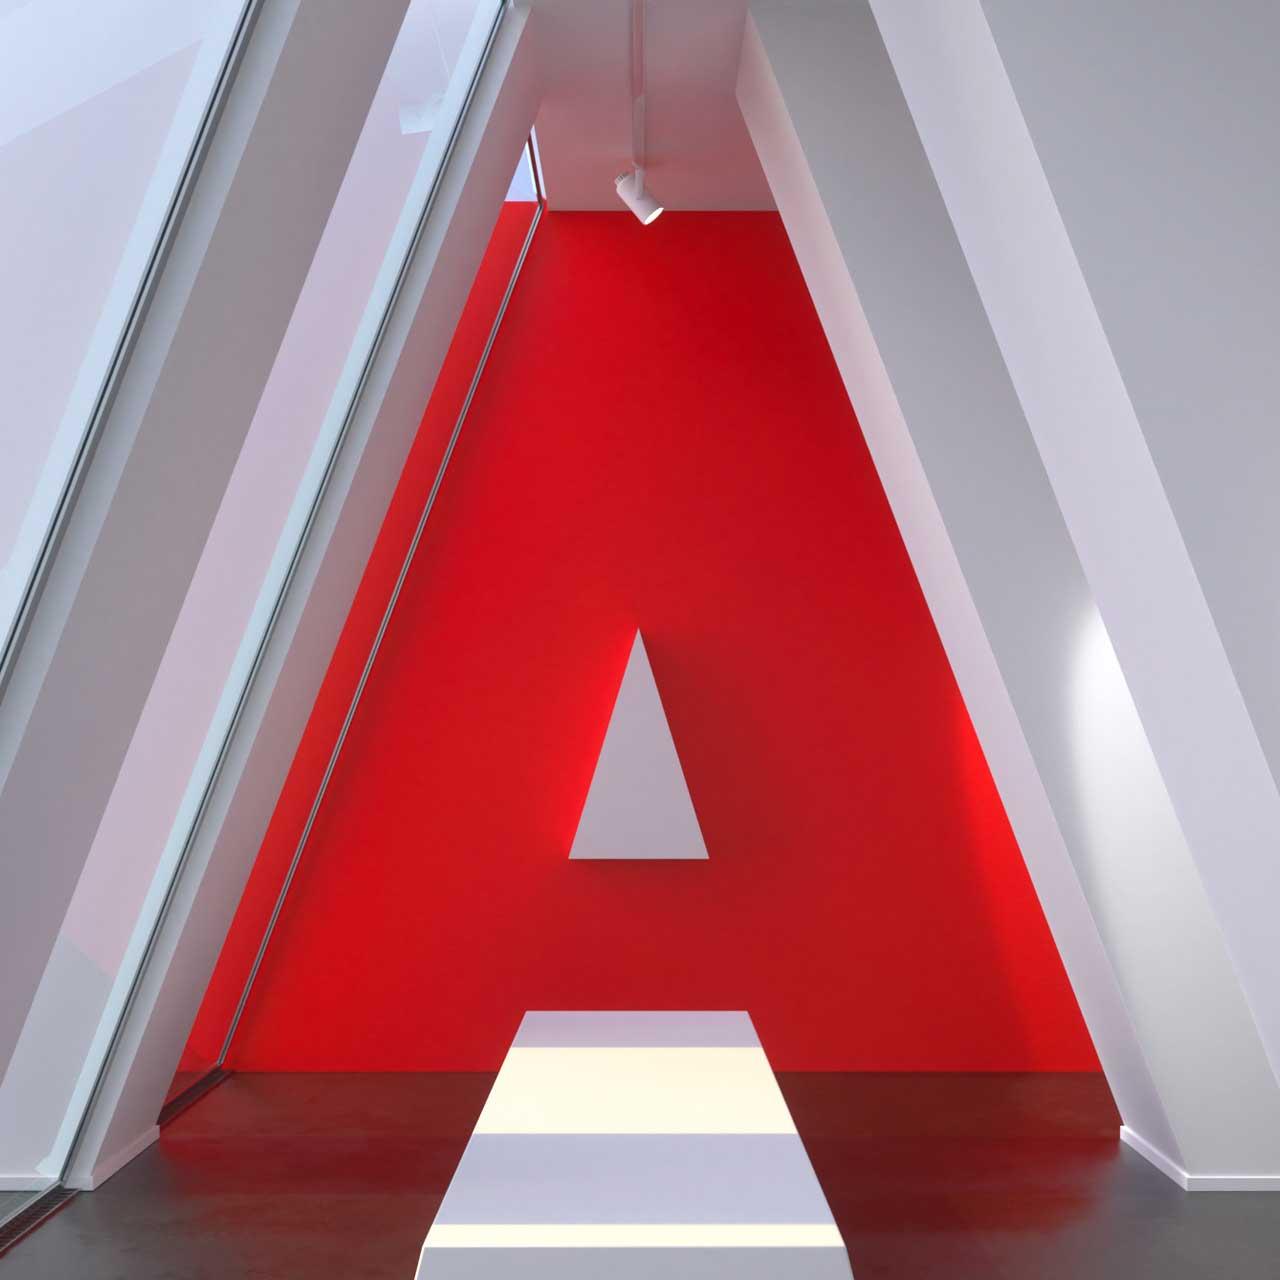 Architektur-Alphabet von Ilker Kayserilioglu architektur-alphabet_Ilker-Kayserilioglu_36-days-of-type-2019_01